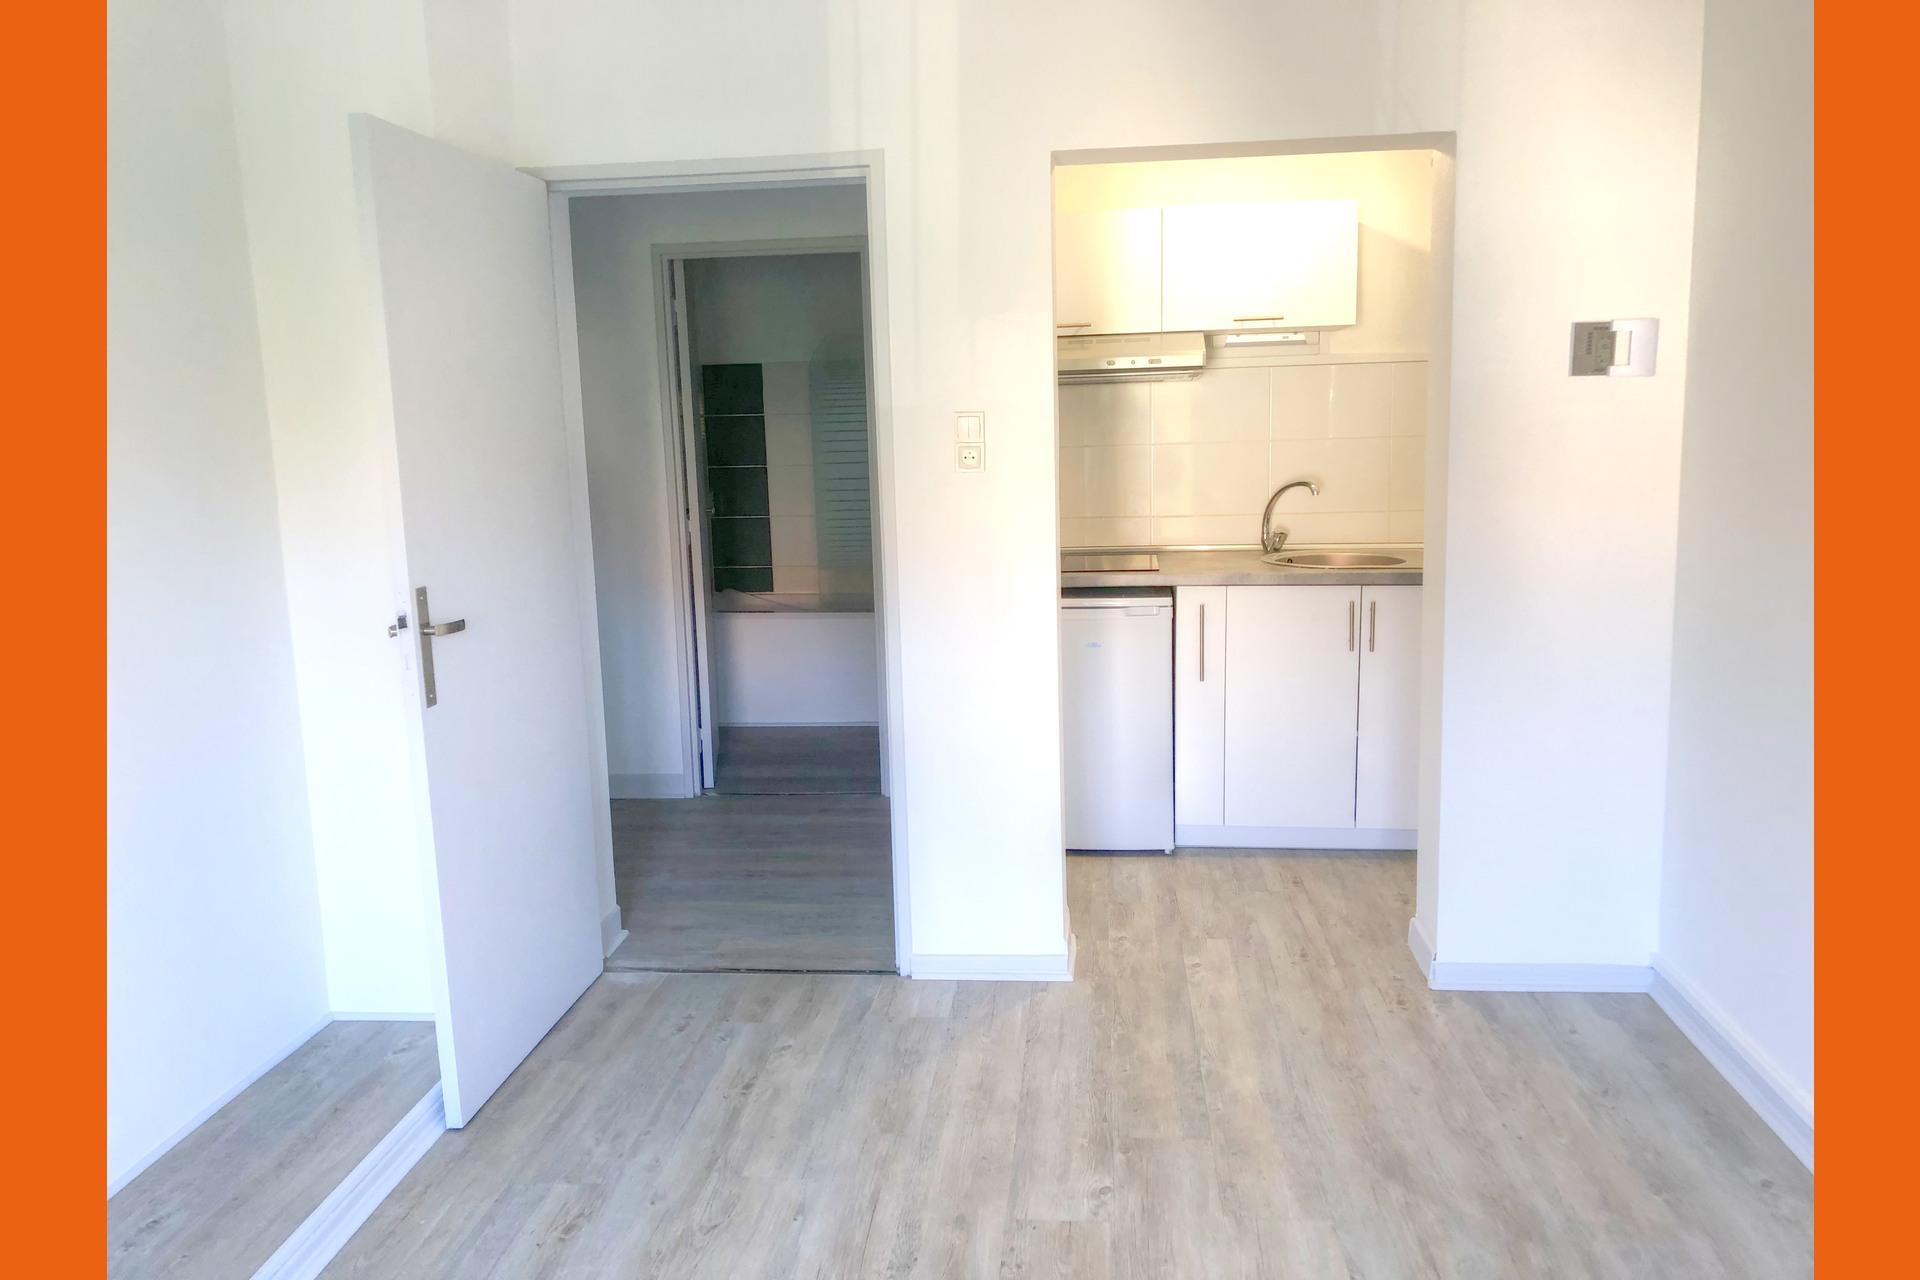 image 5 - Appartement À louer Metz